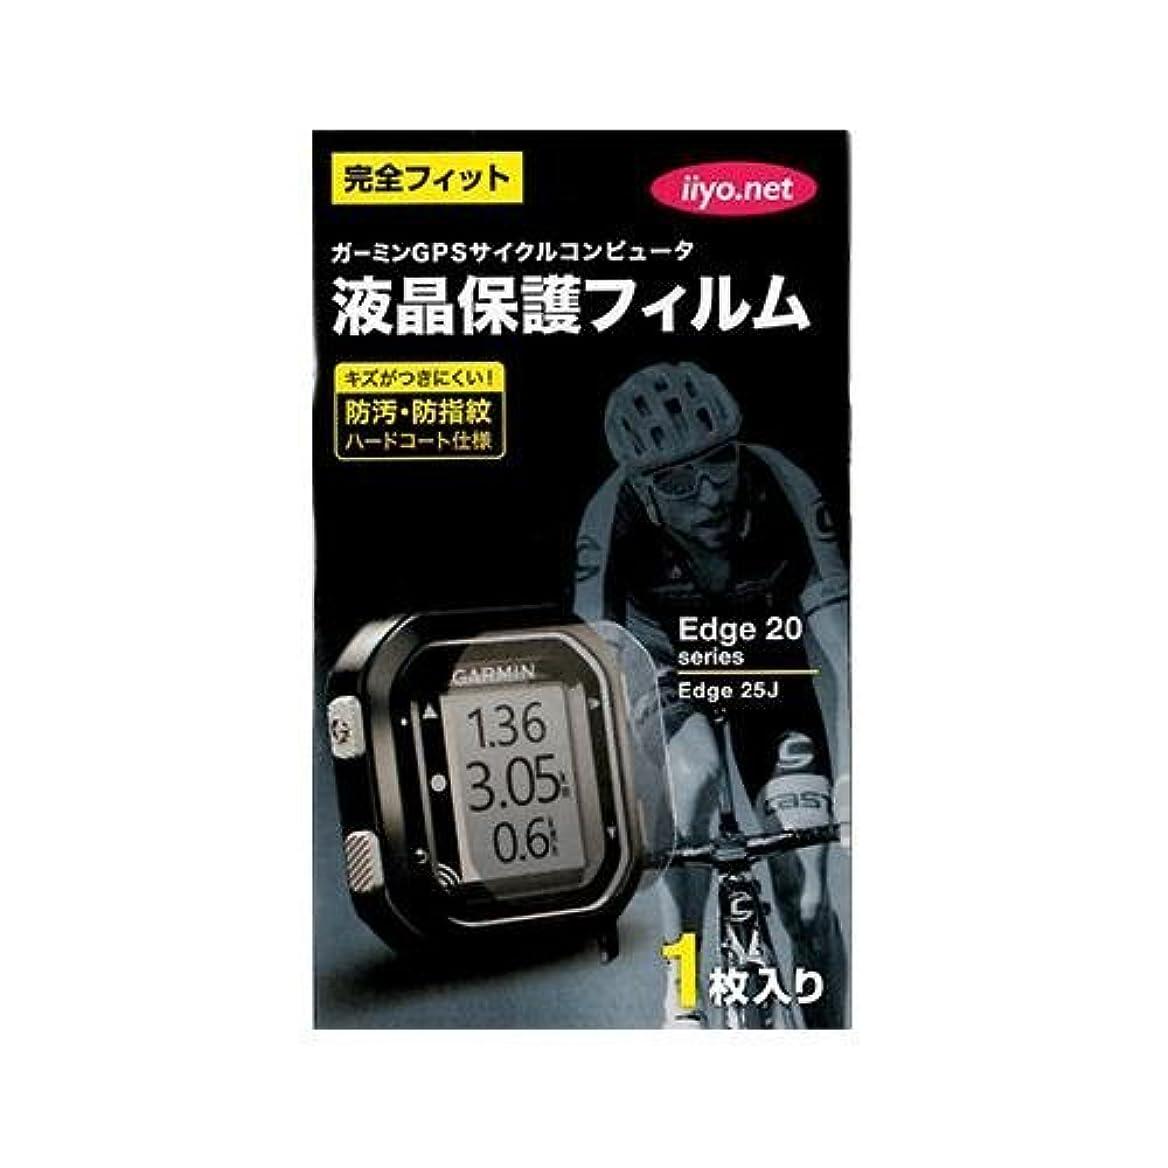 特殊論争嫌悪GARMIN(ガーミン) 液晶保護フィルム Edge20シリーズ用 70170